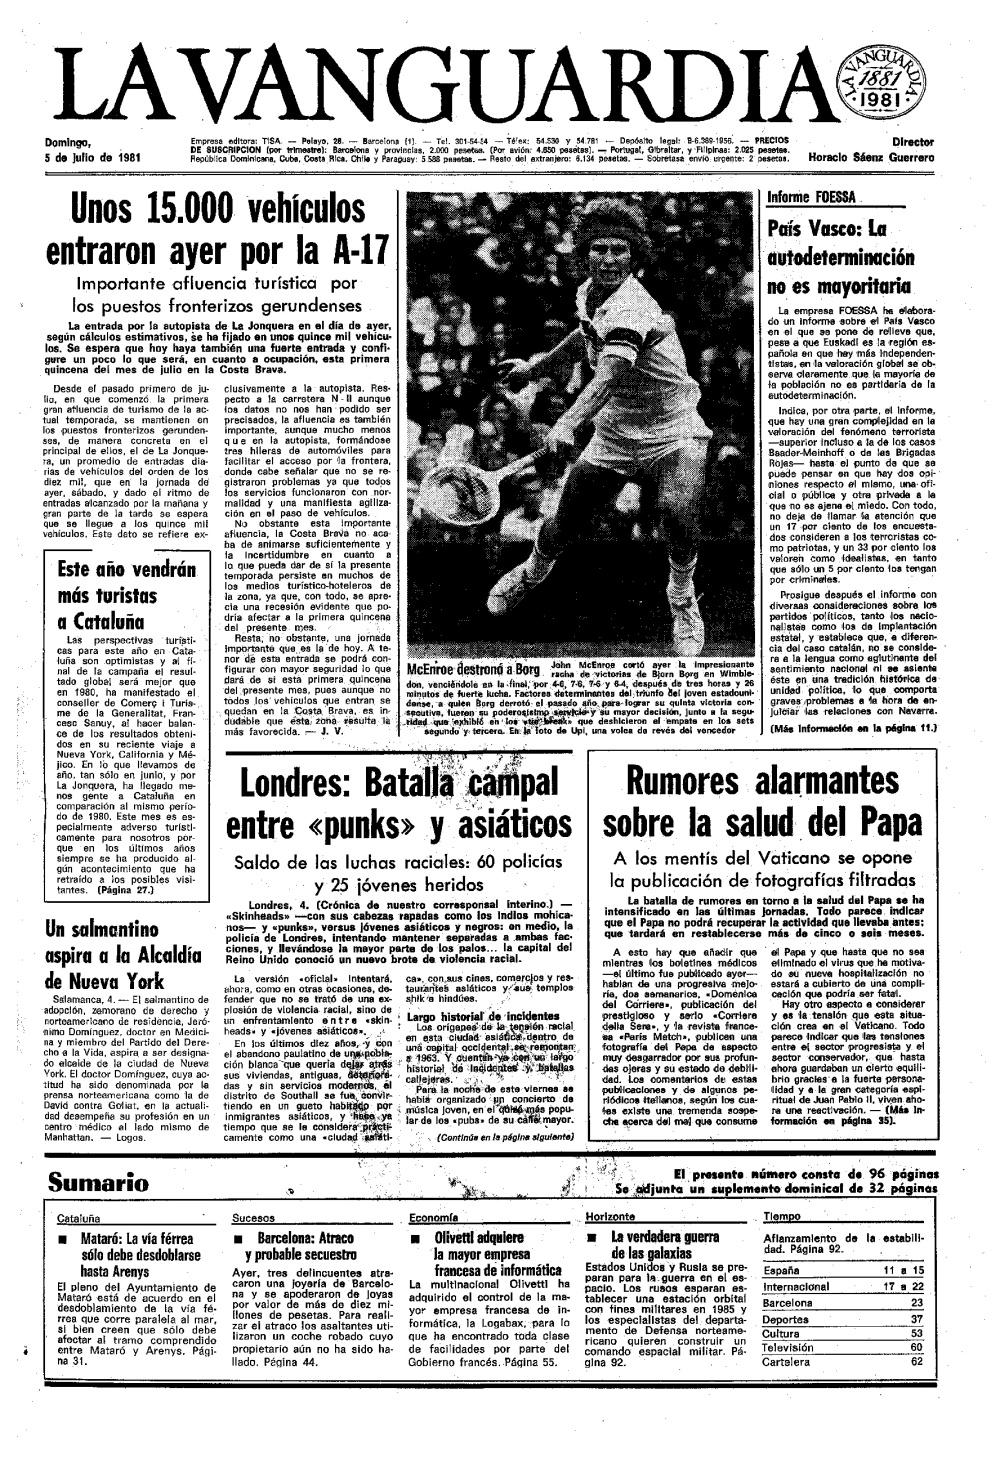 Portada de La Vanguardia del domingo, 5 de julio de 1981, con los sucesos en Southall